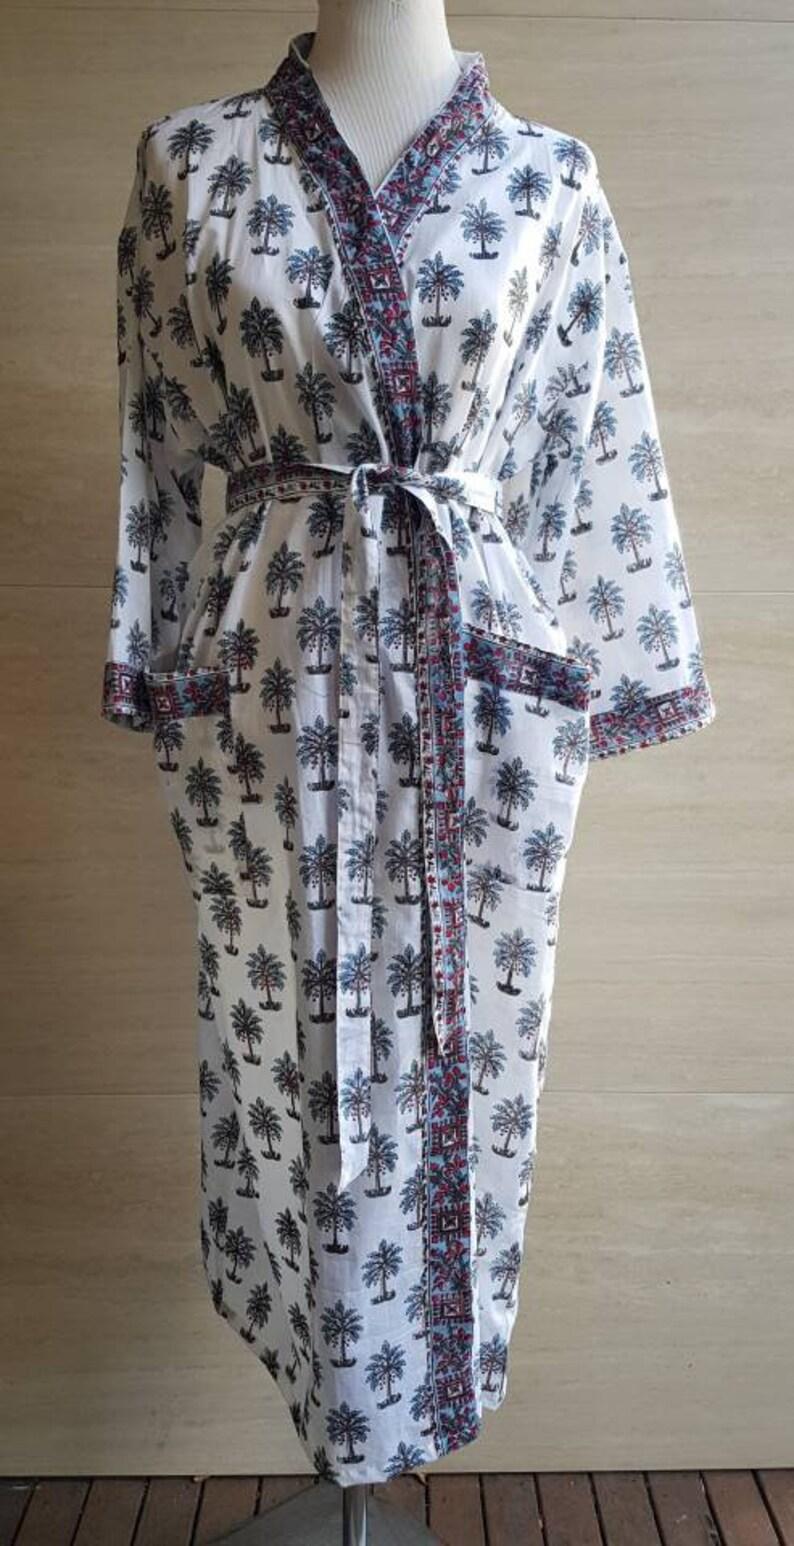 Kimono Indian block print  palm tree design bridesmaid wedding gown Cotton Bathrobe